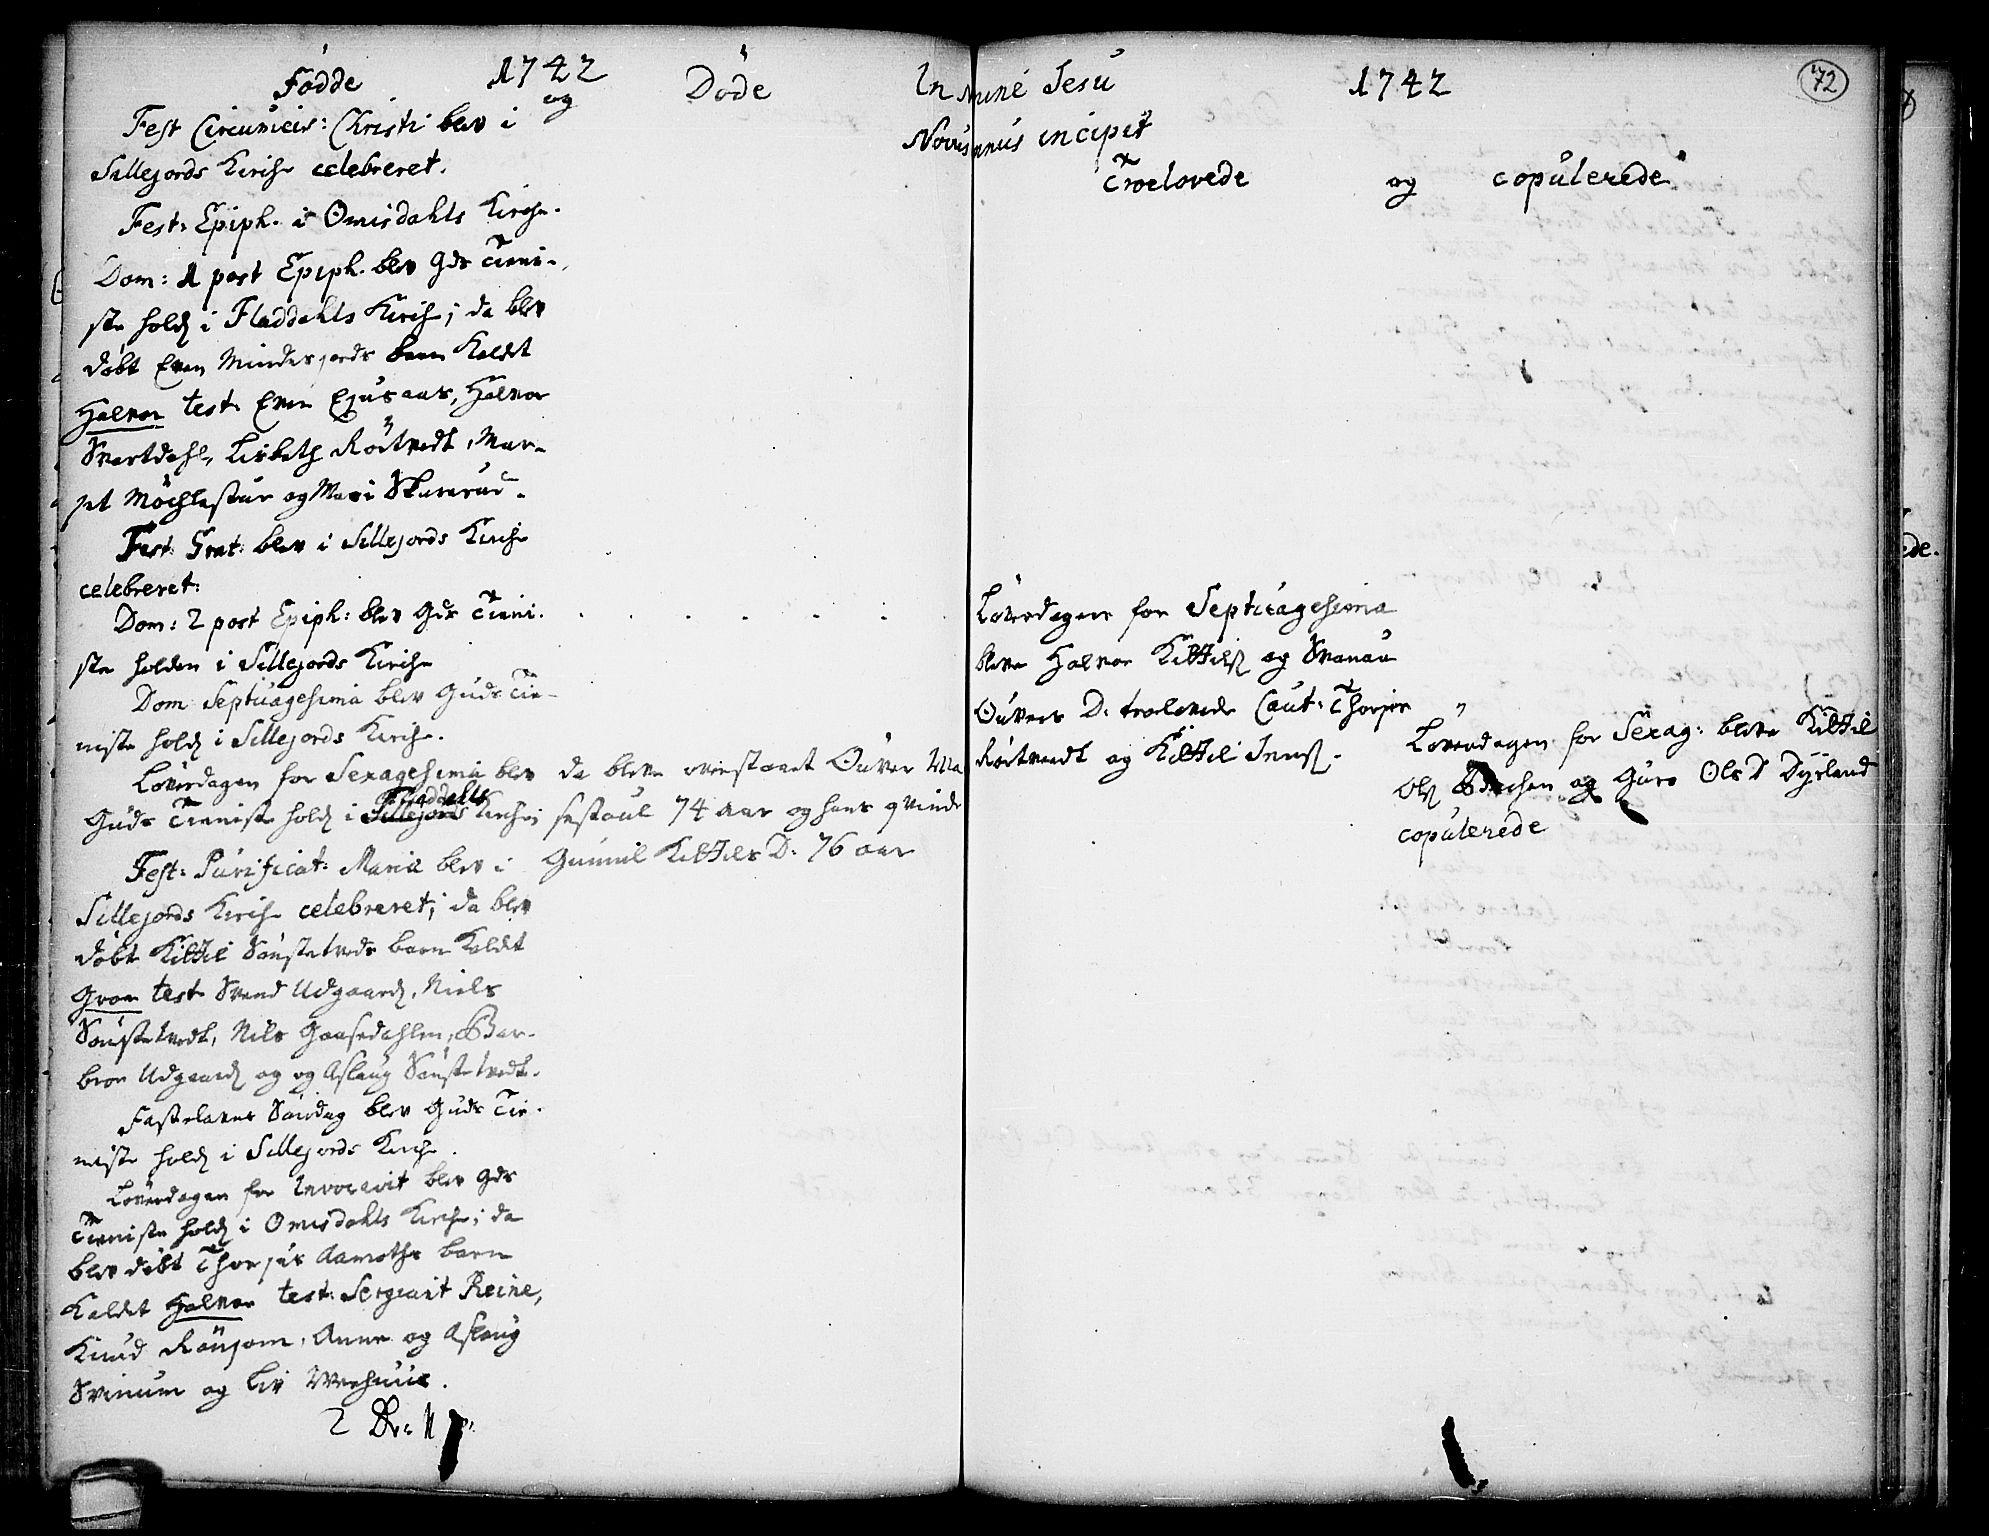 SAKO, Seljord kirkebøker, F/Fa/L0005: Ministerialbok nr. I 5, 1737-1743, s. 72